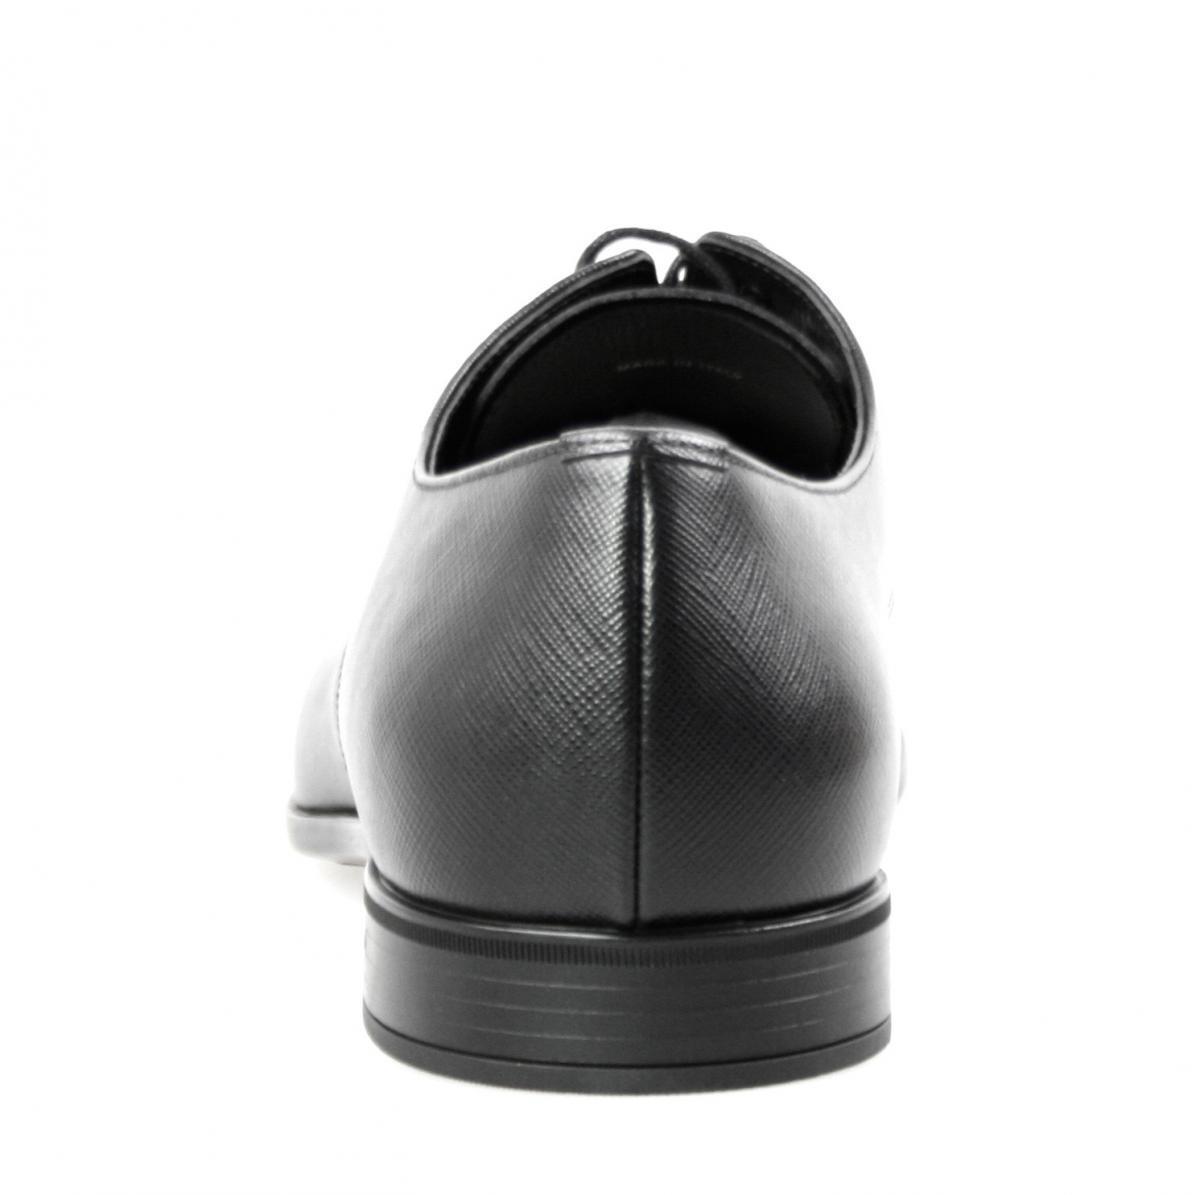 LUSSO autentici PRADA SAFFIANO SAFFIANO SAFFIANO Business Scarpe 2EC030 NERO NUOVE 10 44 44,5 dd9c4f